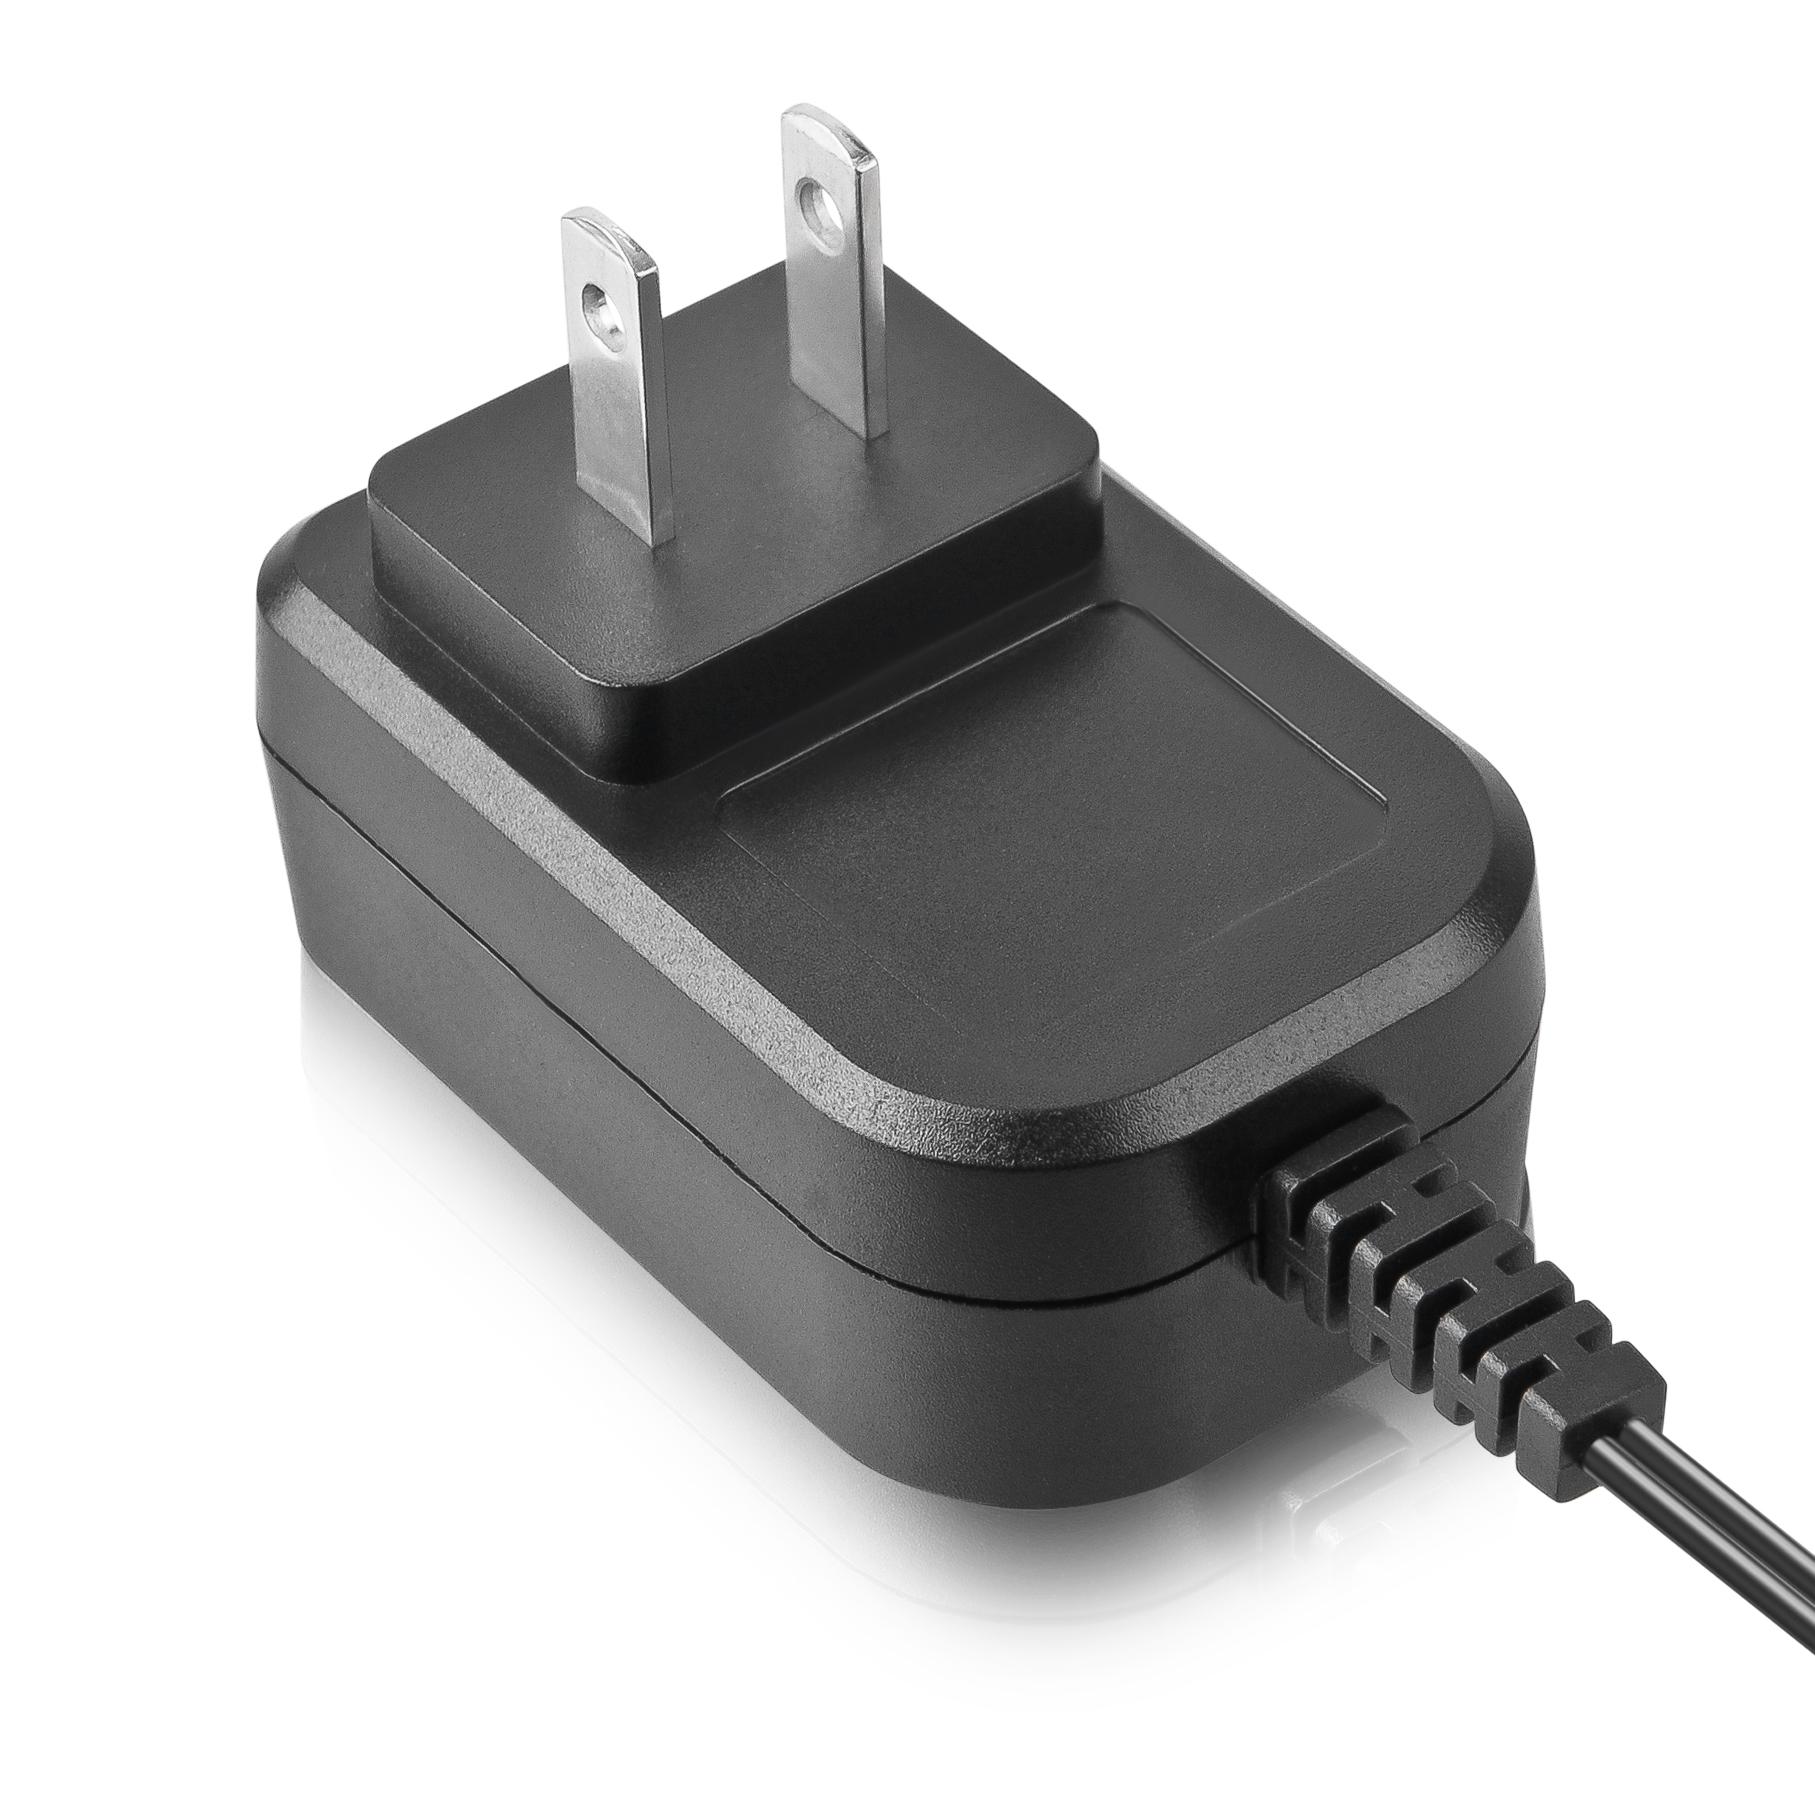 UL предохранителем и универсальным питанием-от источника переменного или постоянного тока, характеристики 5В 2A блок питания с вилкой формата US ac/dc адаптер питания 12В 1A импульсный источник питания 12 В Источник питания постоянного тока